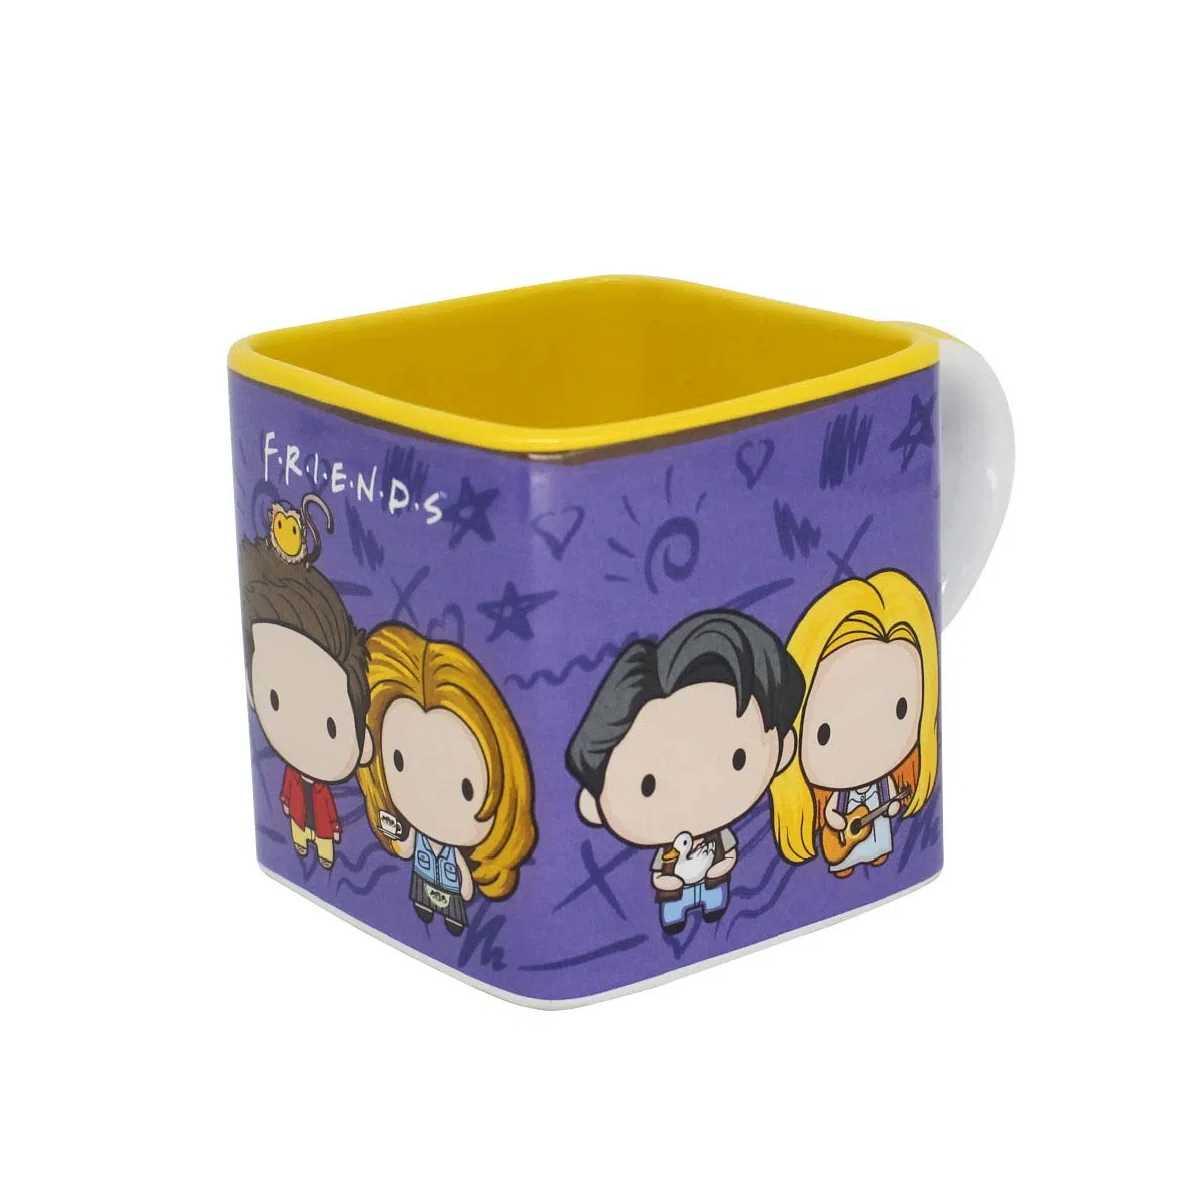 Caneca Quadrada Cubo Friends Personagens